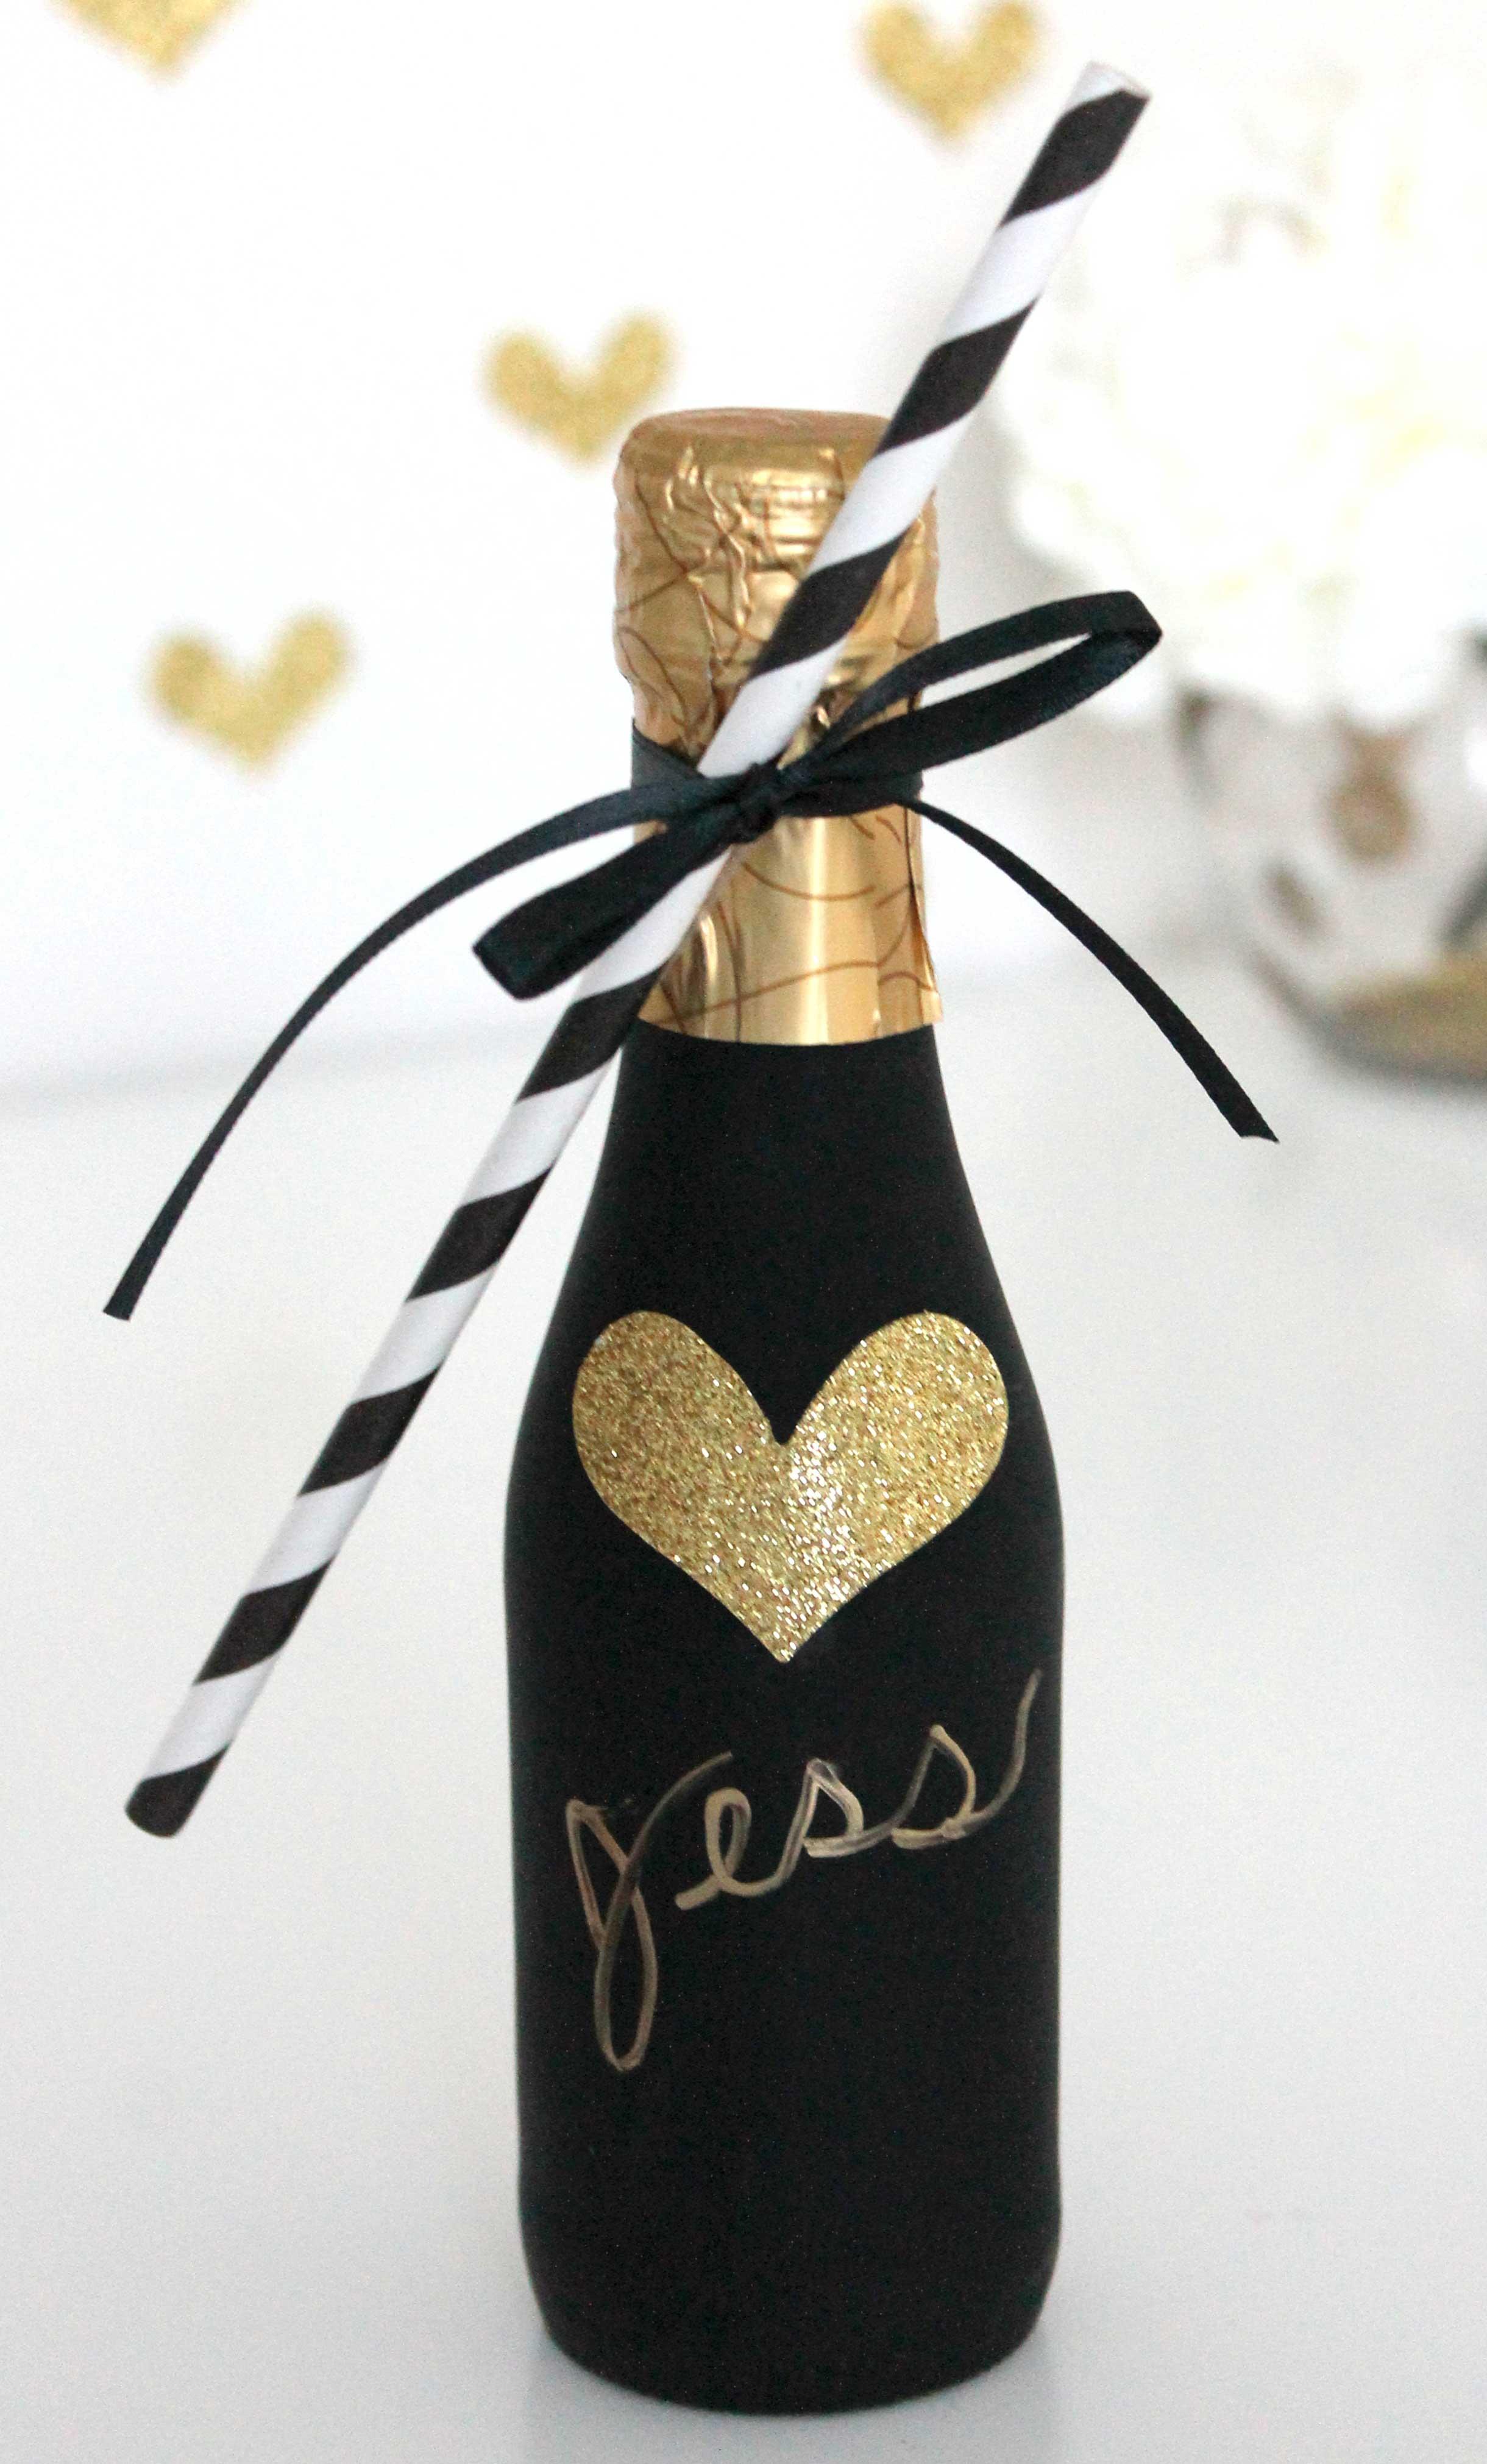 Foreveryourprintsblog diy champagne favor